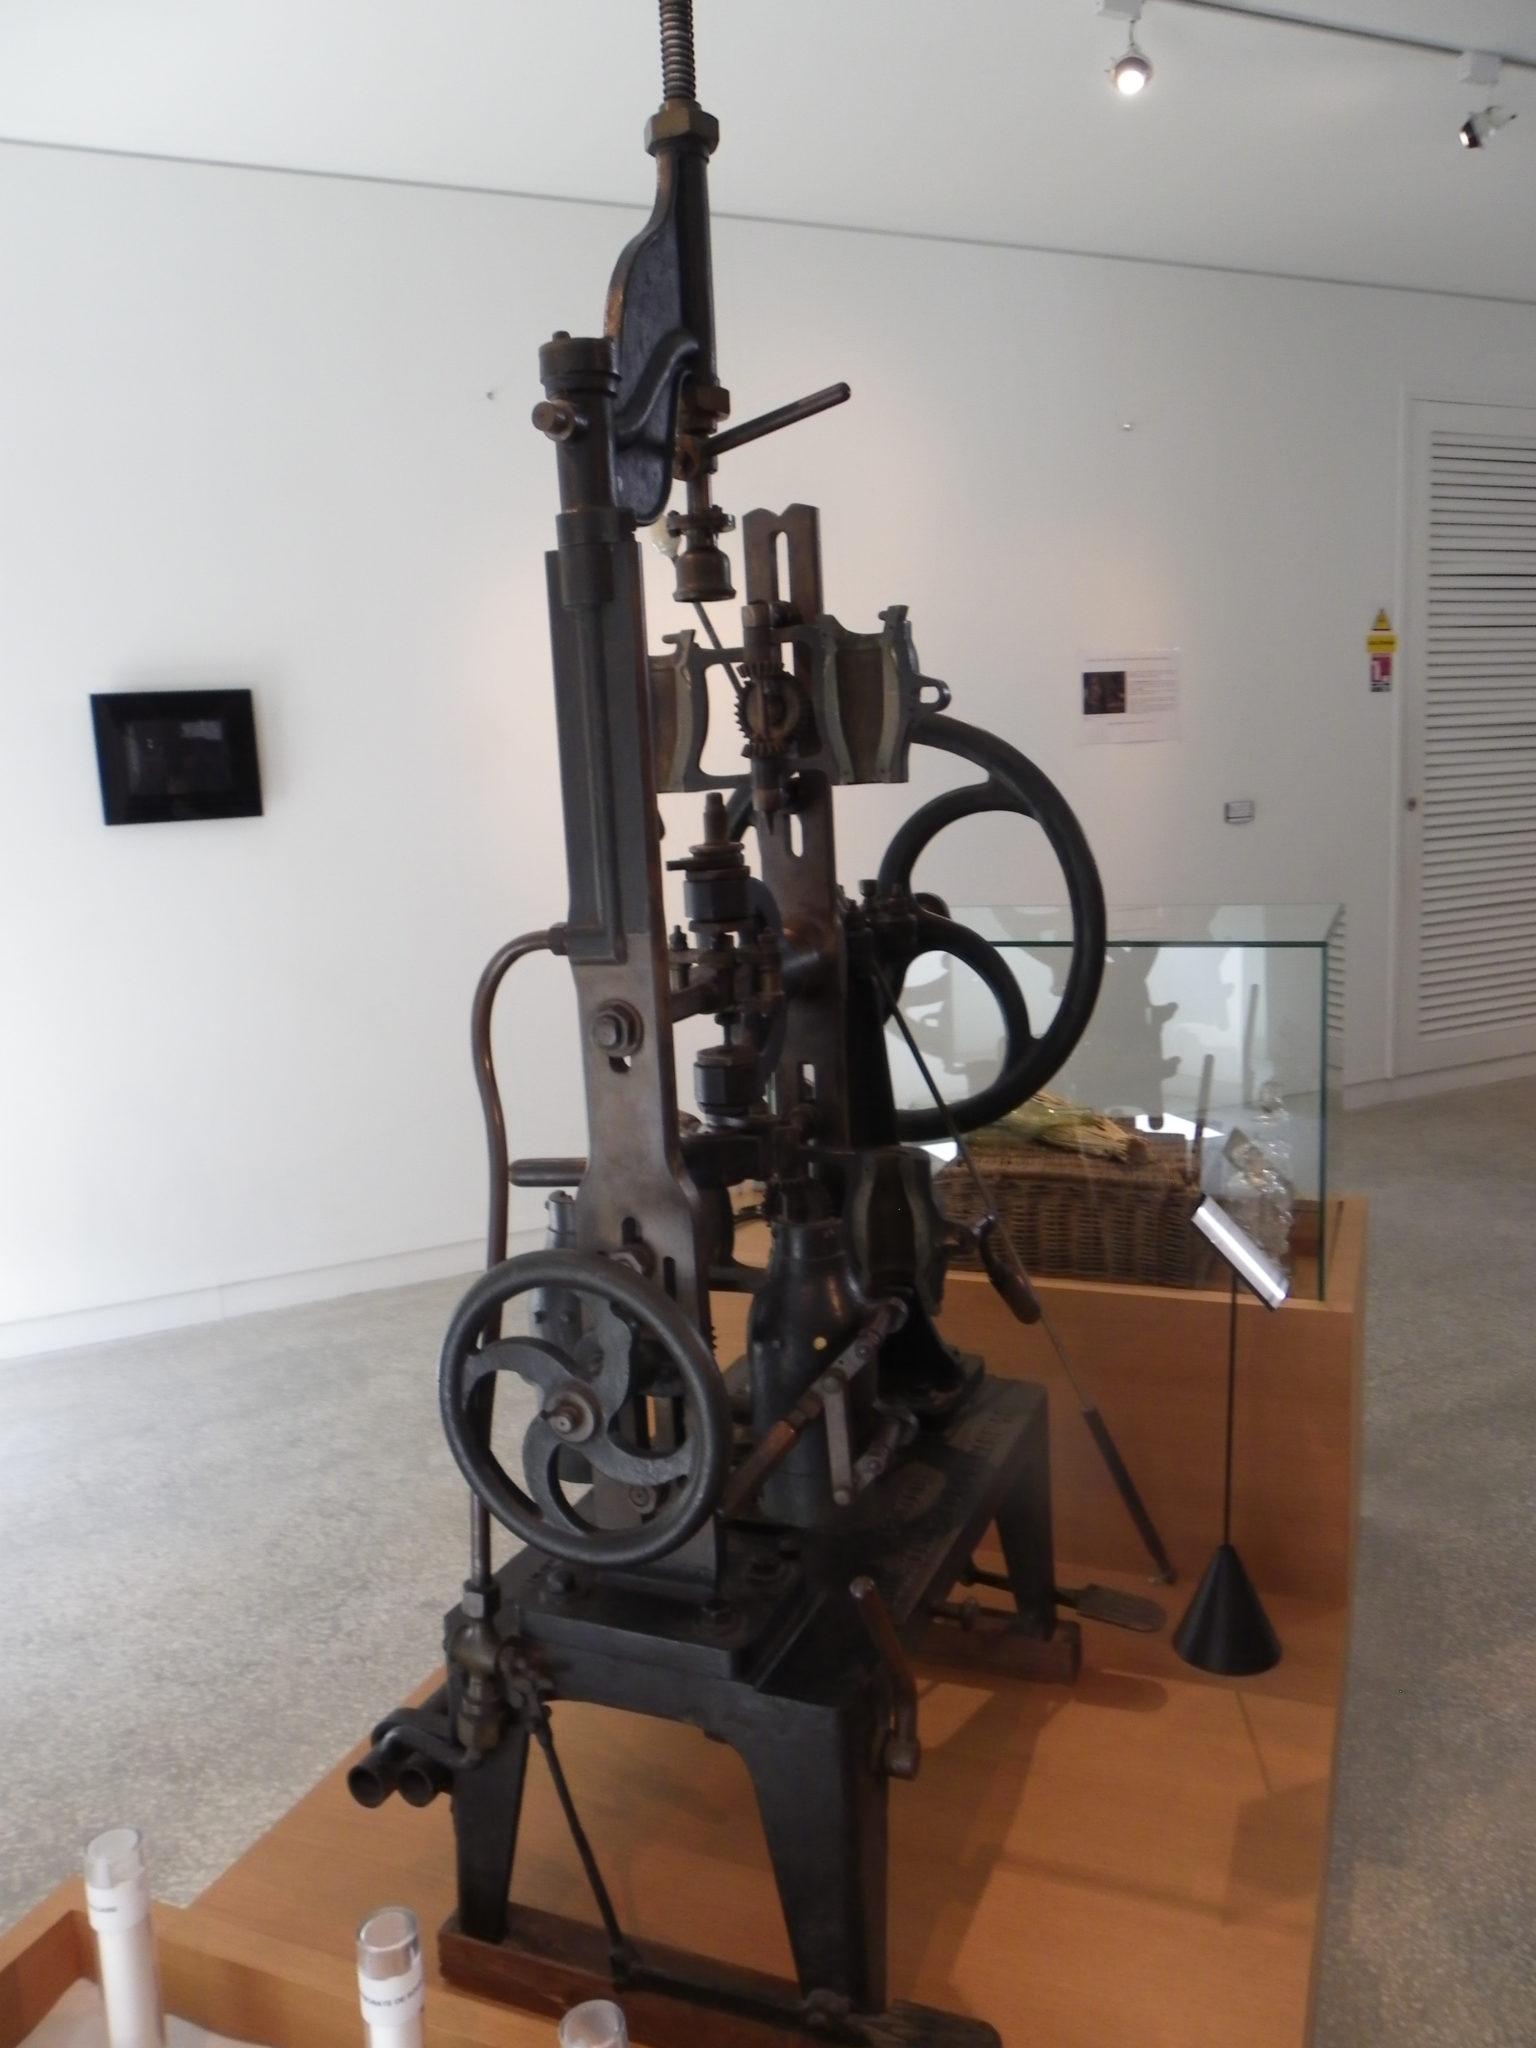 Machine à souffler le verre de manière semi-automatique de Claude Boucher au Musée des arts du cognac